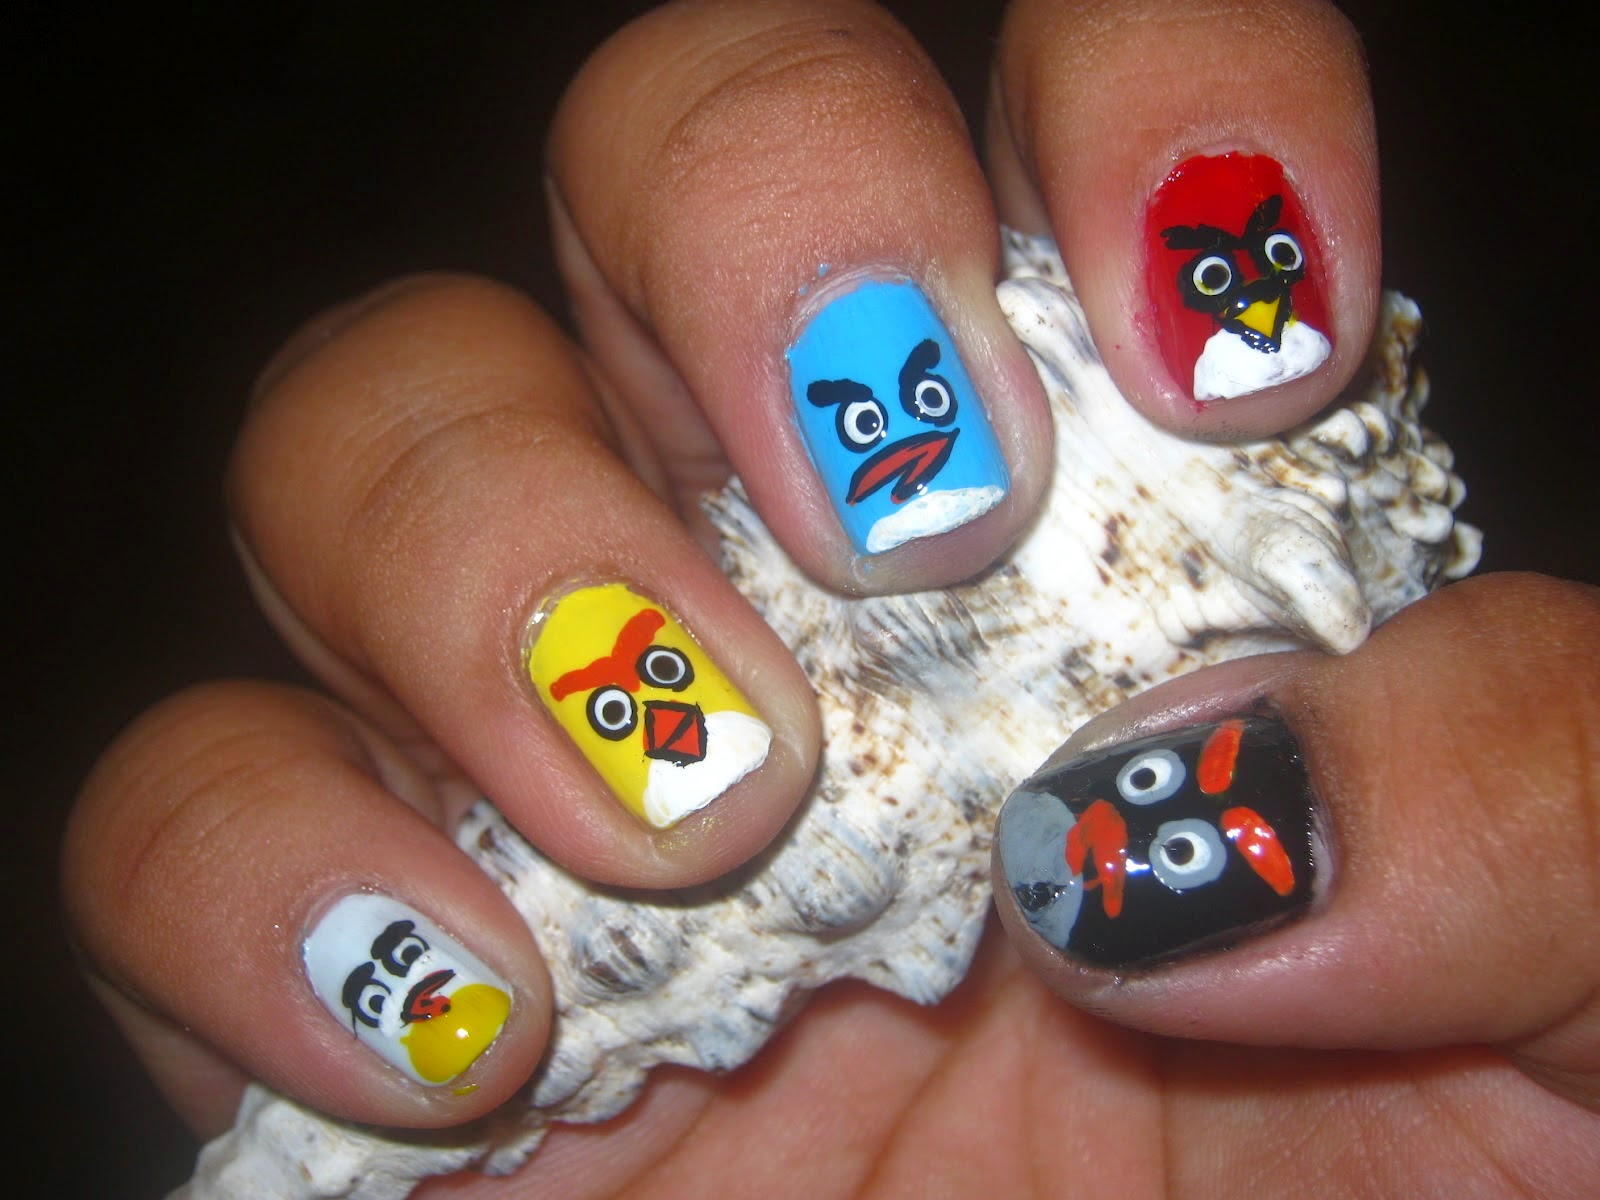 Nail Design Nail Art Design Angry Birds